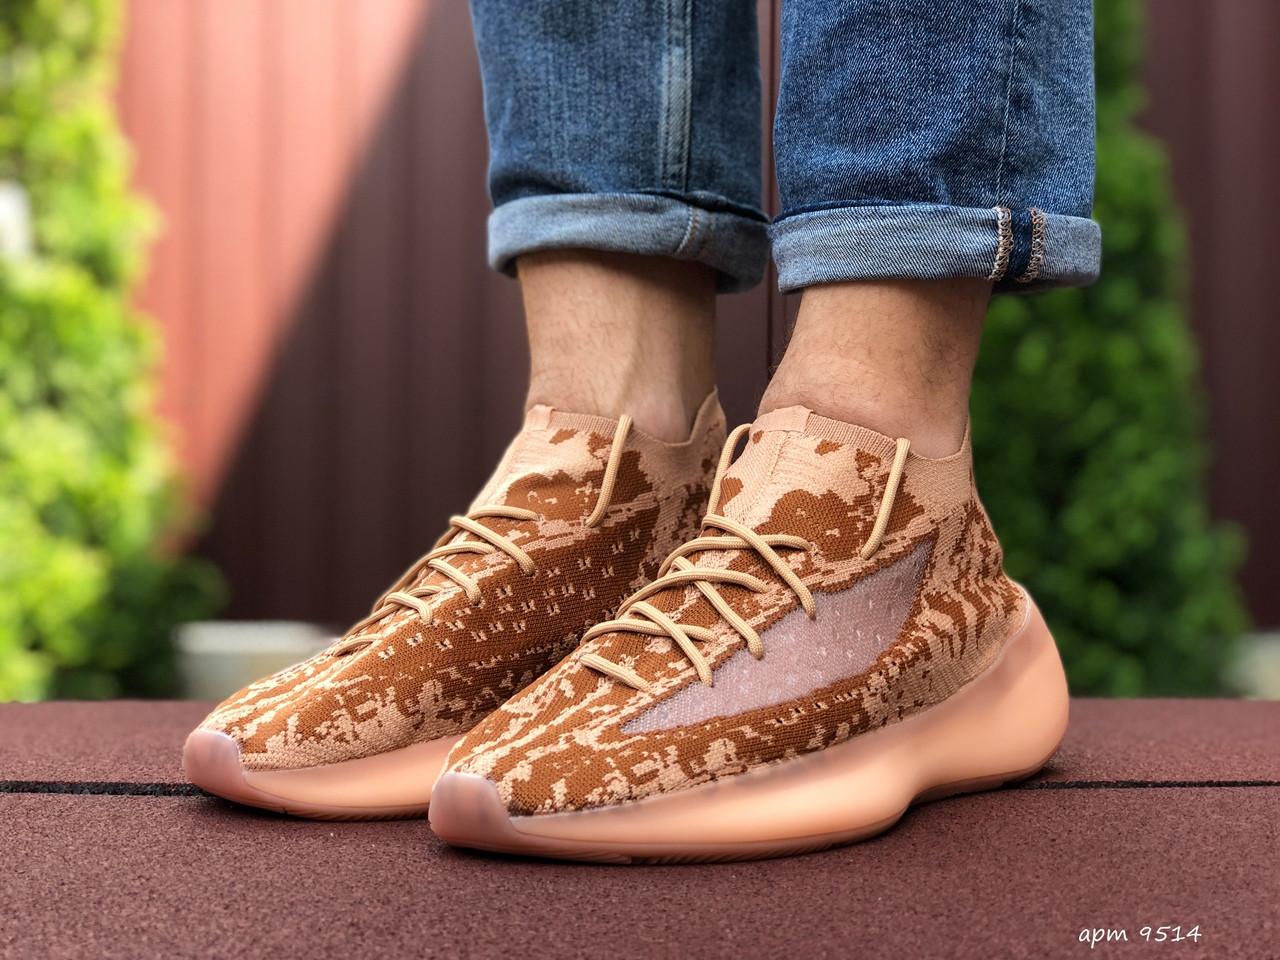 Чоловічі кросівки Adidas Yeezy Boost 380 (коричневі) 9514